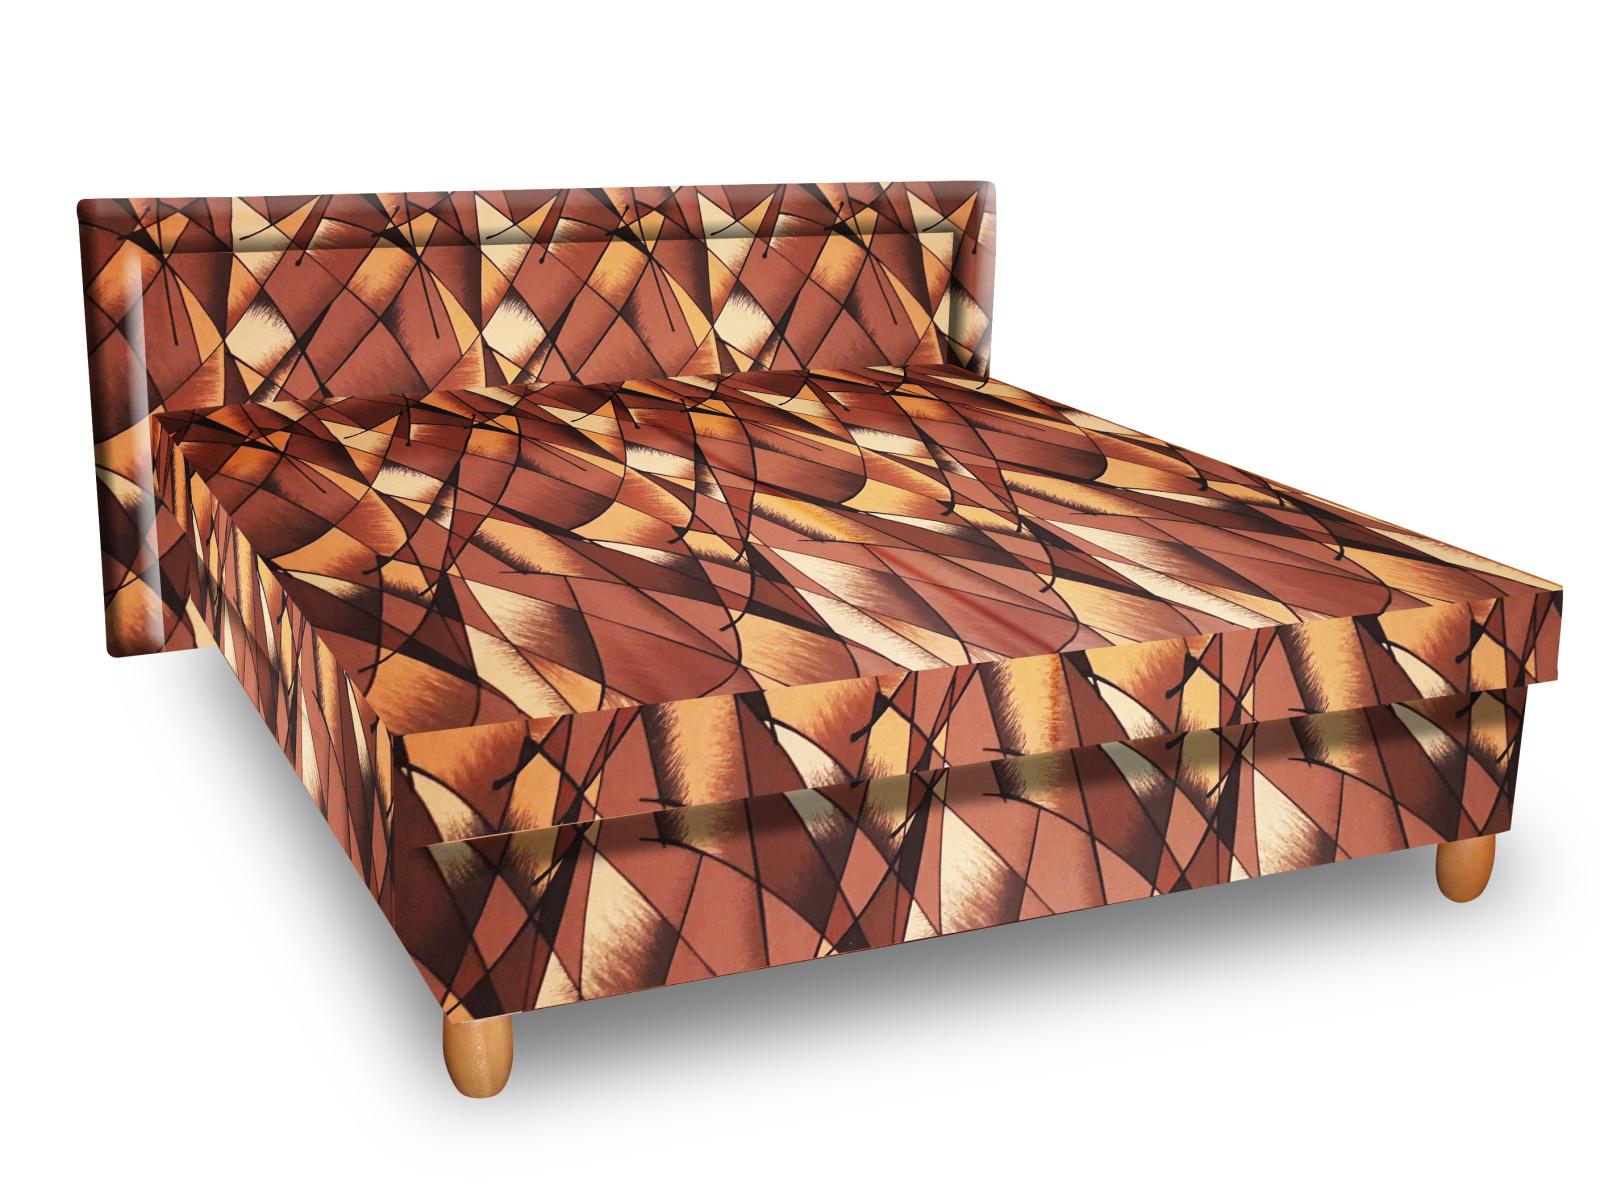 Smartshop Čalouněná postel IVA 120x200 cm, hnědožlutá látka